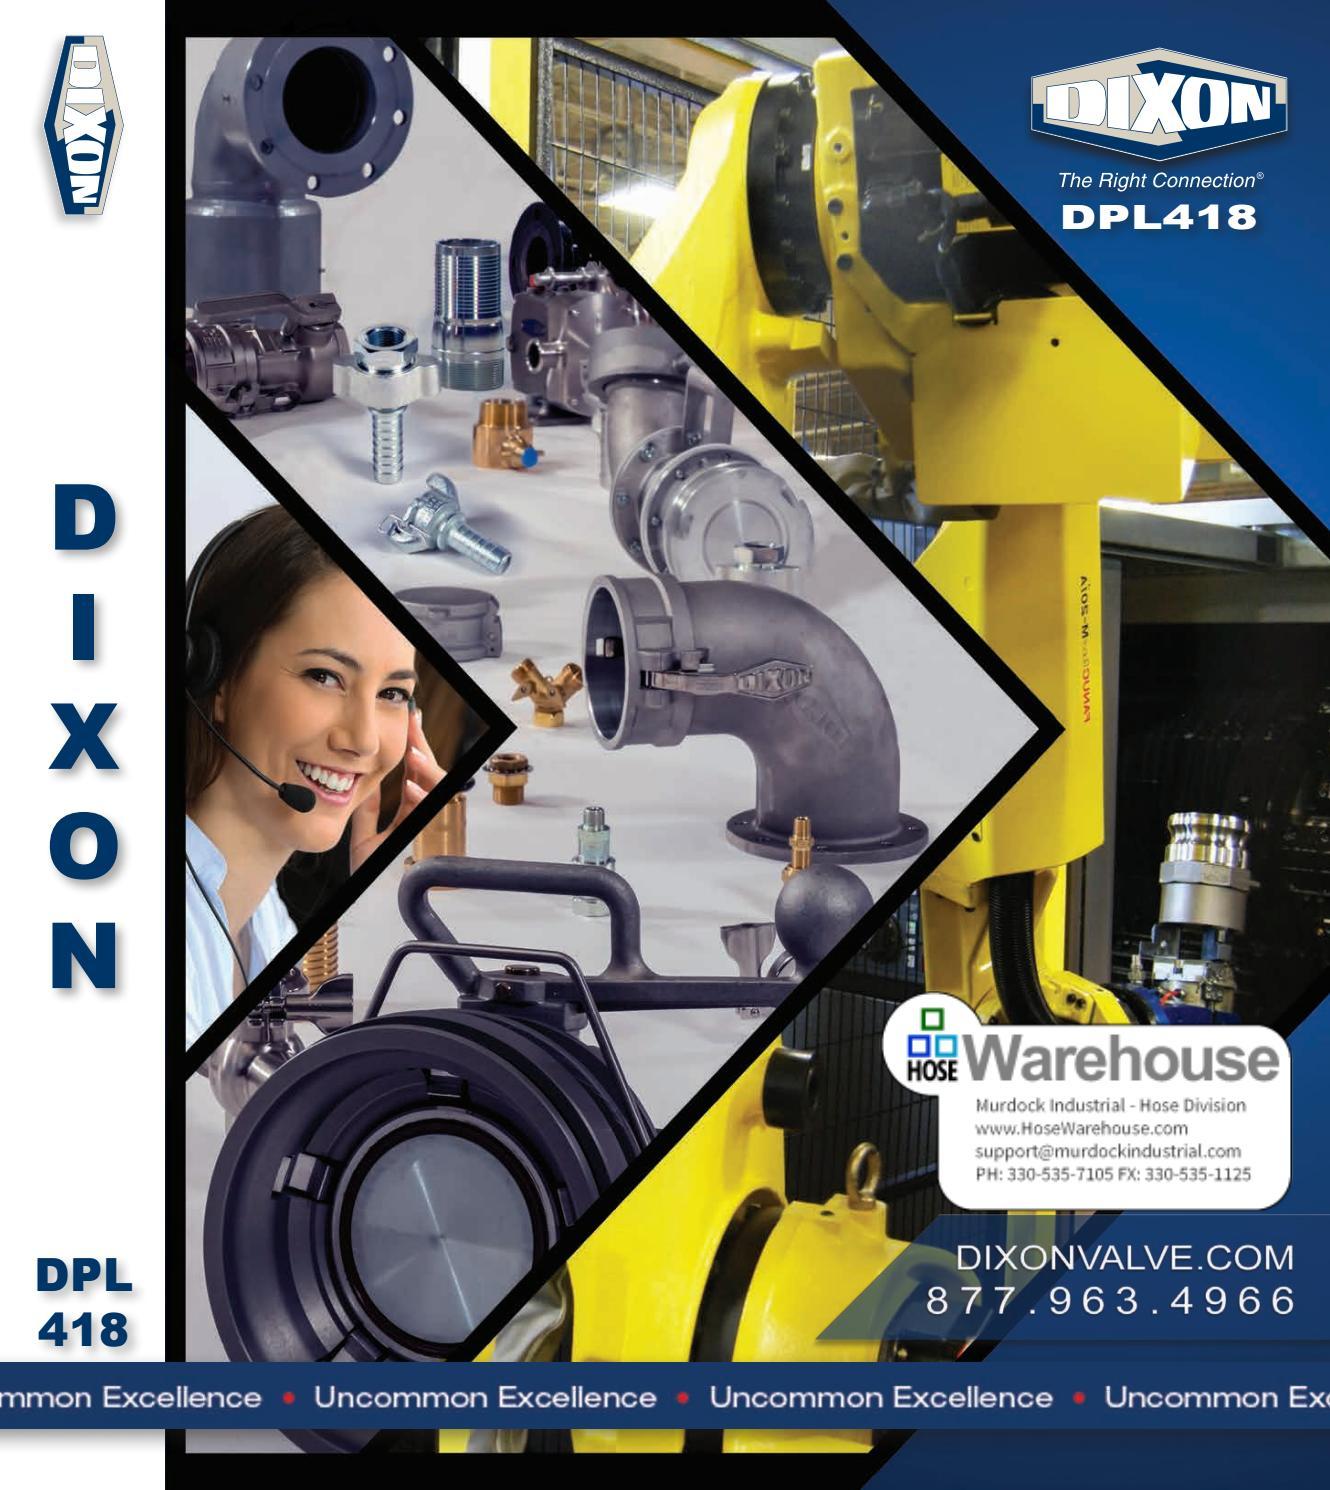 3-44//64 to 3-48//64 OD 3 3-44//64 to 3-48//64 OD 3 Dixon IXF48-W CS Internal Expansion Ferrule